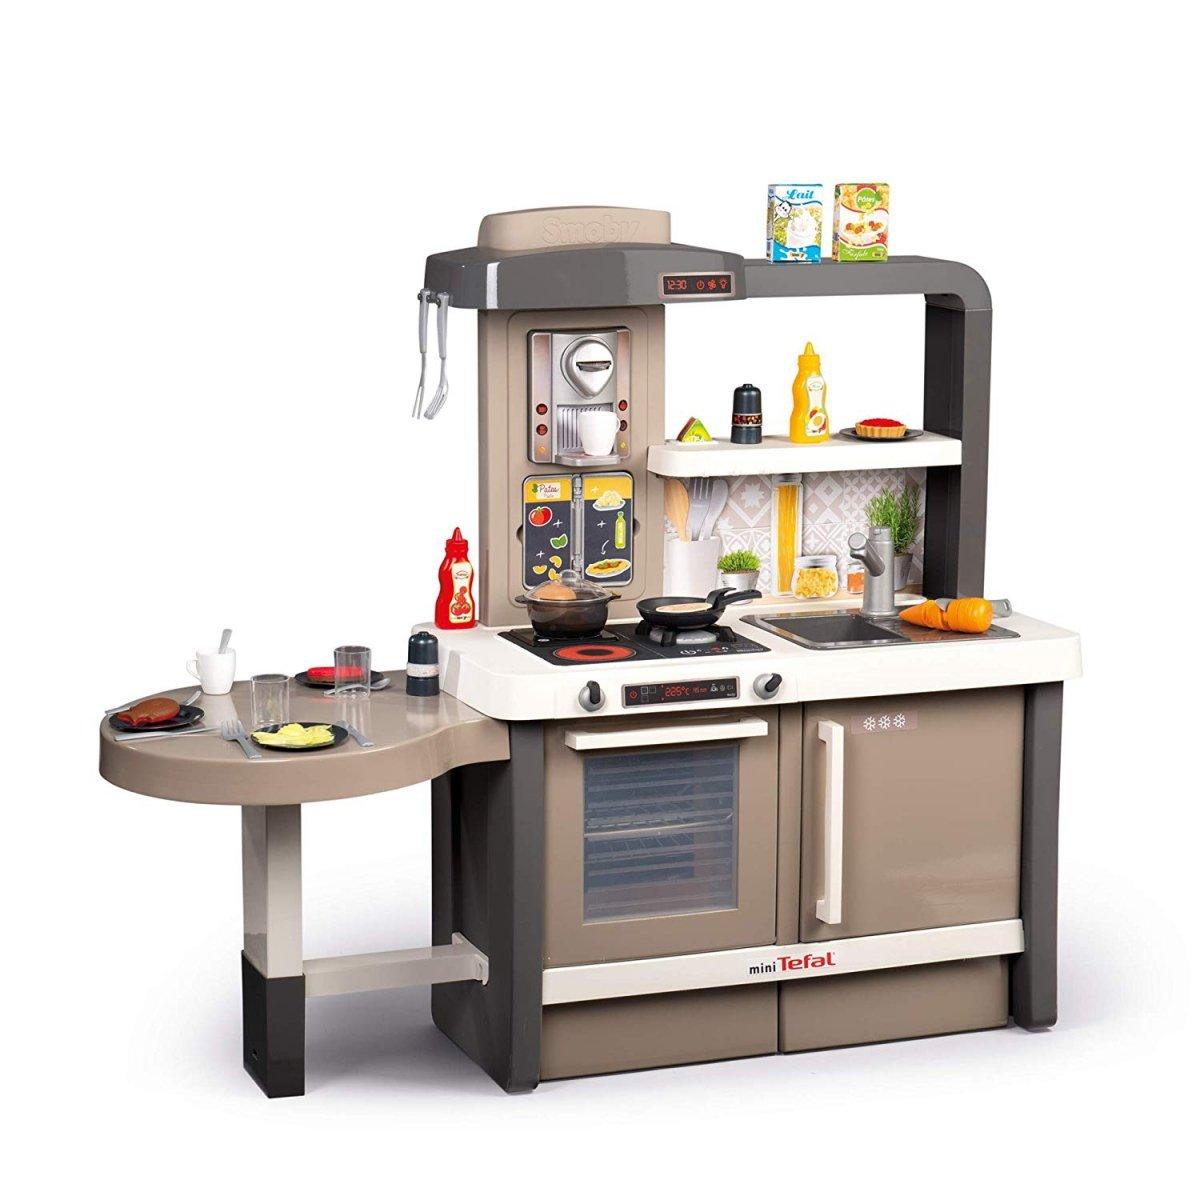 Smoby Kuchnia Dla Dzieci Mini Tefal Evolutive 3 Kuchnie